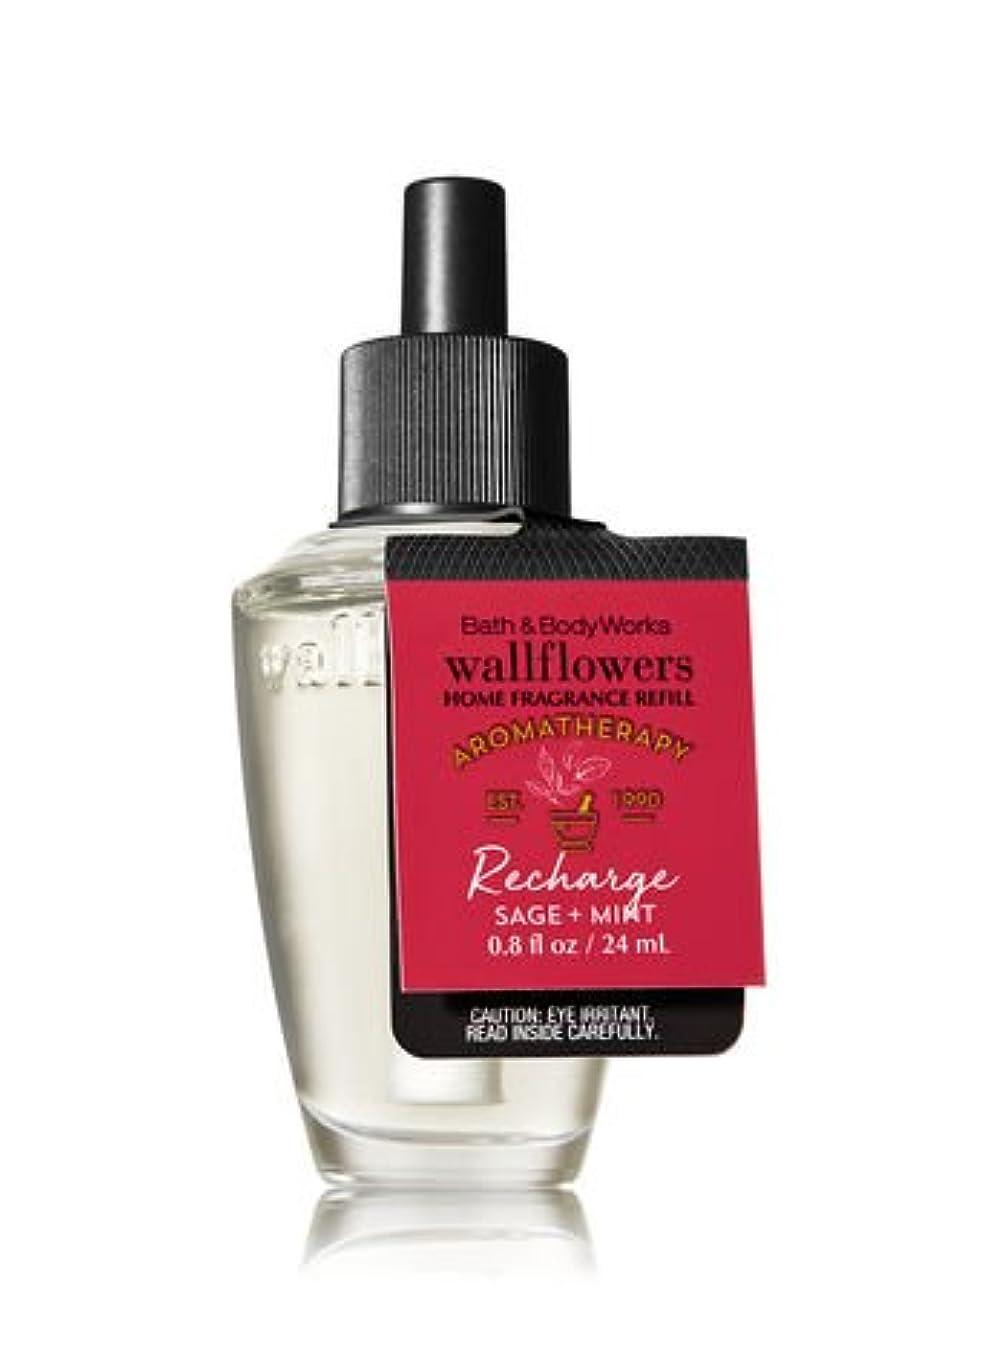 技術的な家族スコア【Bath&Body Works/バス&ボディワークス】 ルームフレグランス 詰替えリフィル アロマセラピー リチャージ セージ&ミント Wallflowers Home Fragrance Refill Aromatherapy Recharge Sage & Mint [並行輸入品]